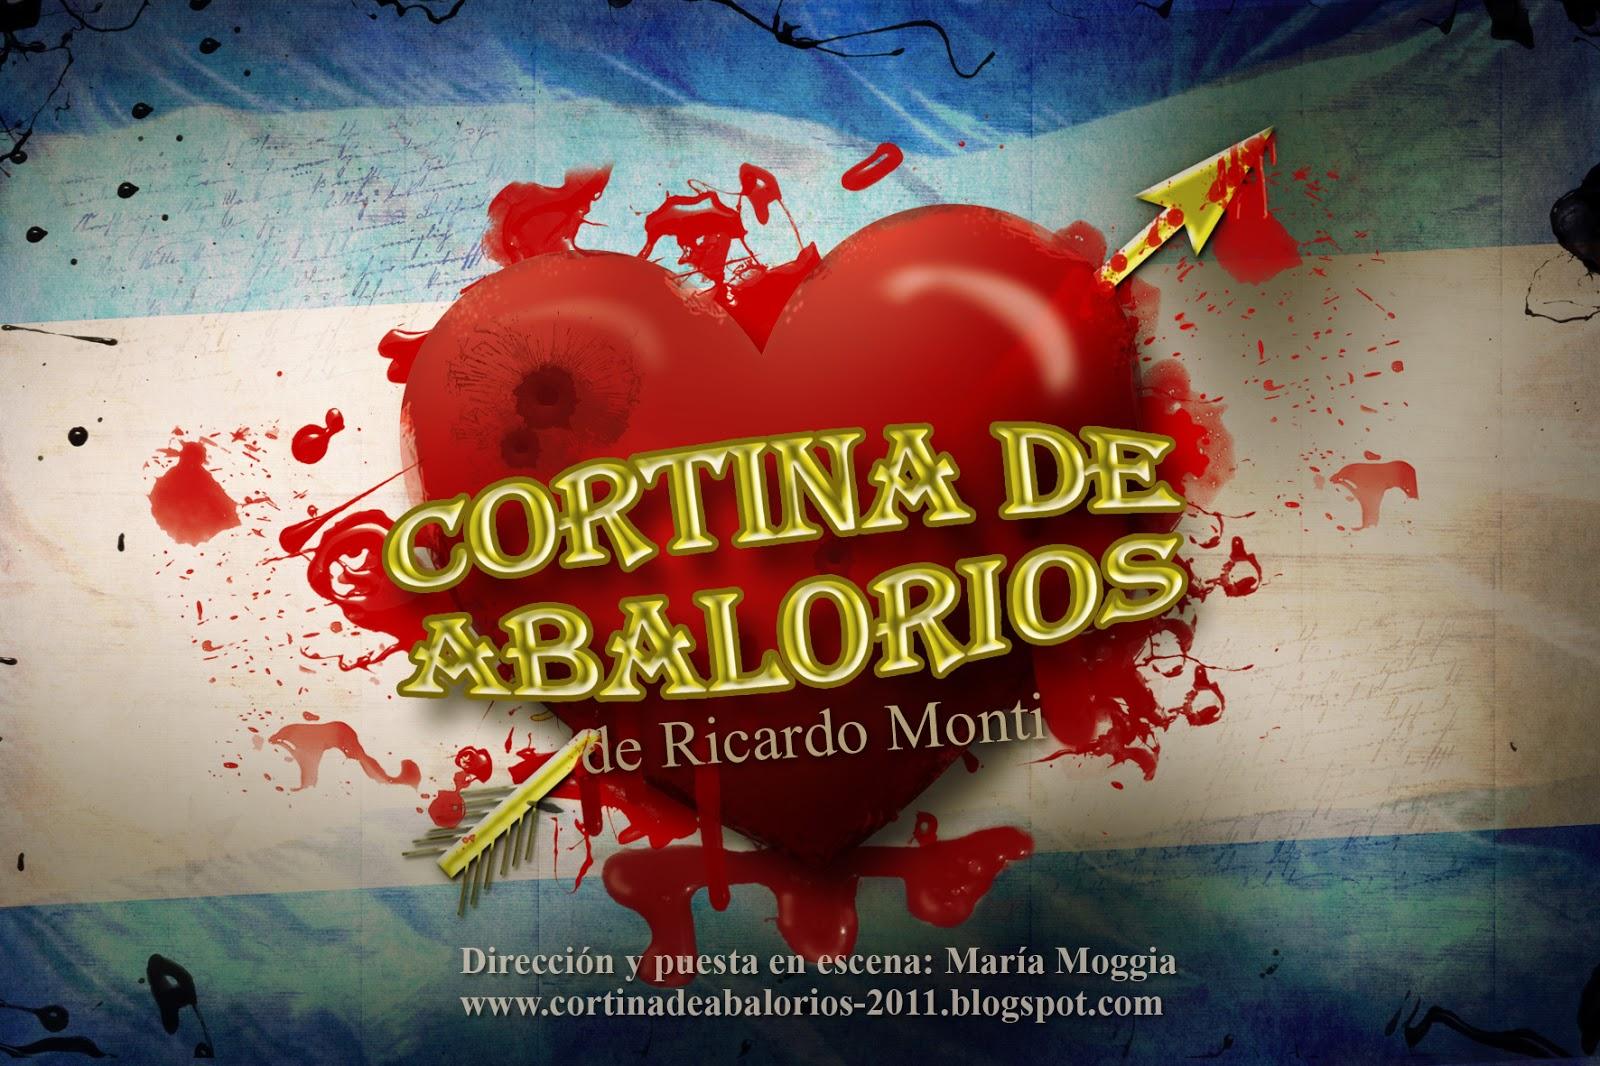 La plata cultura teatro y danza - Cortinas de abalorios ...